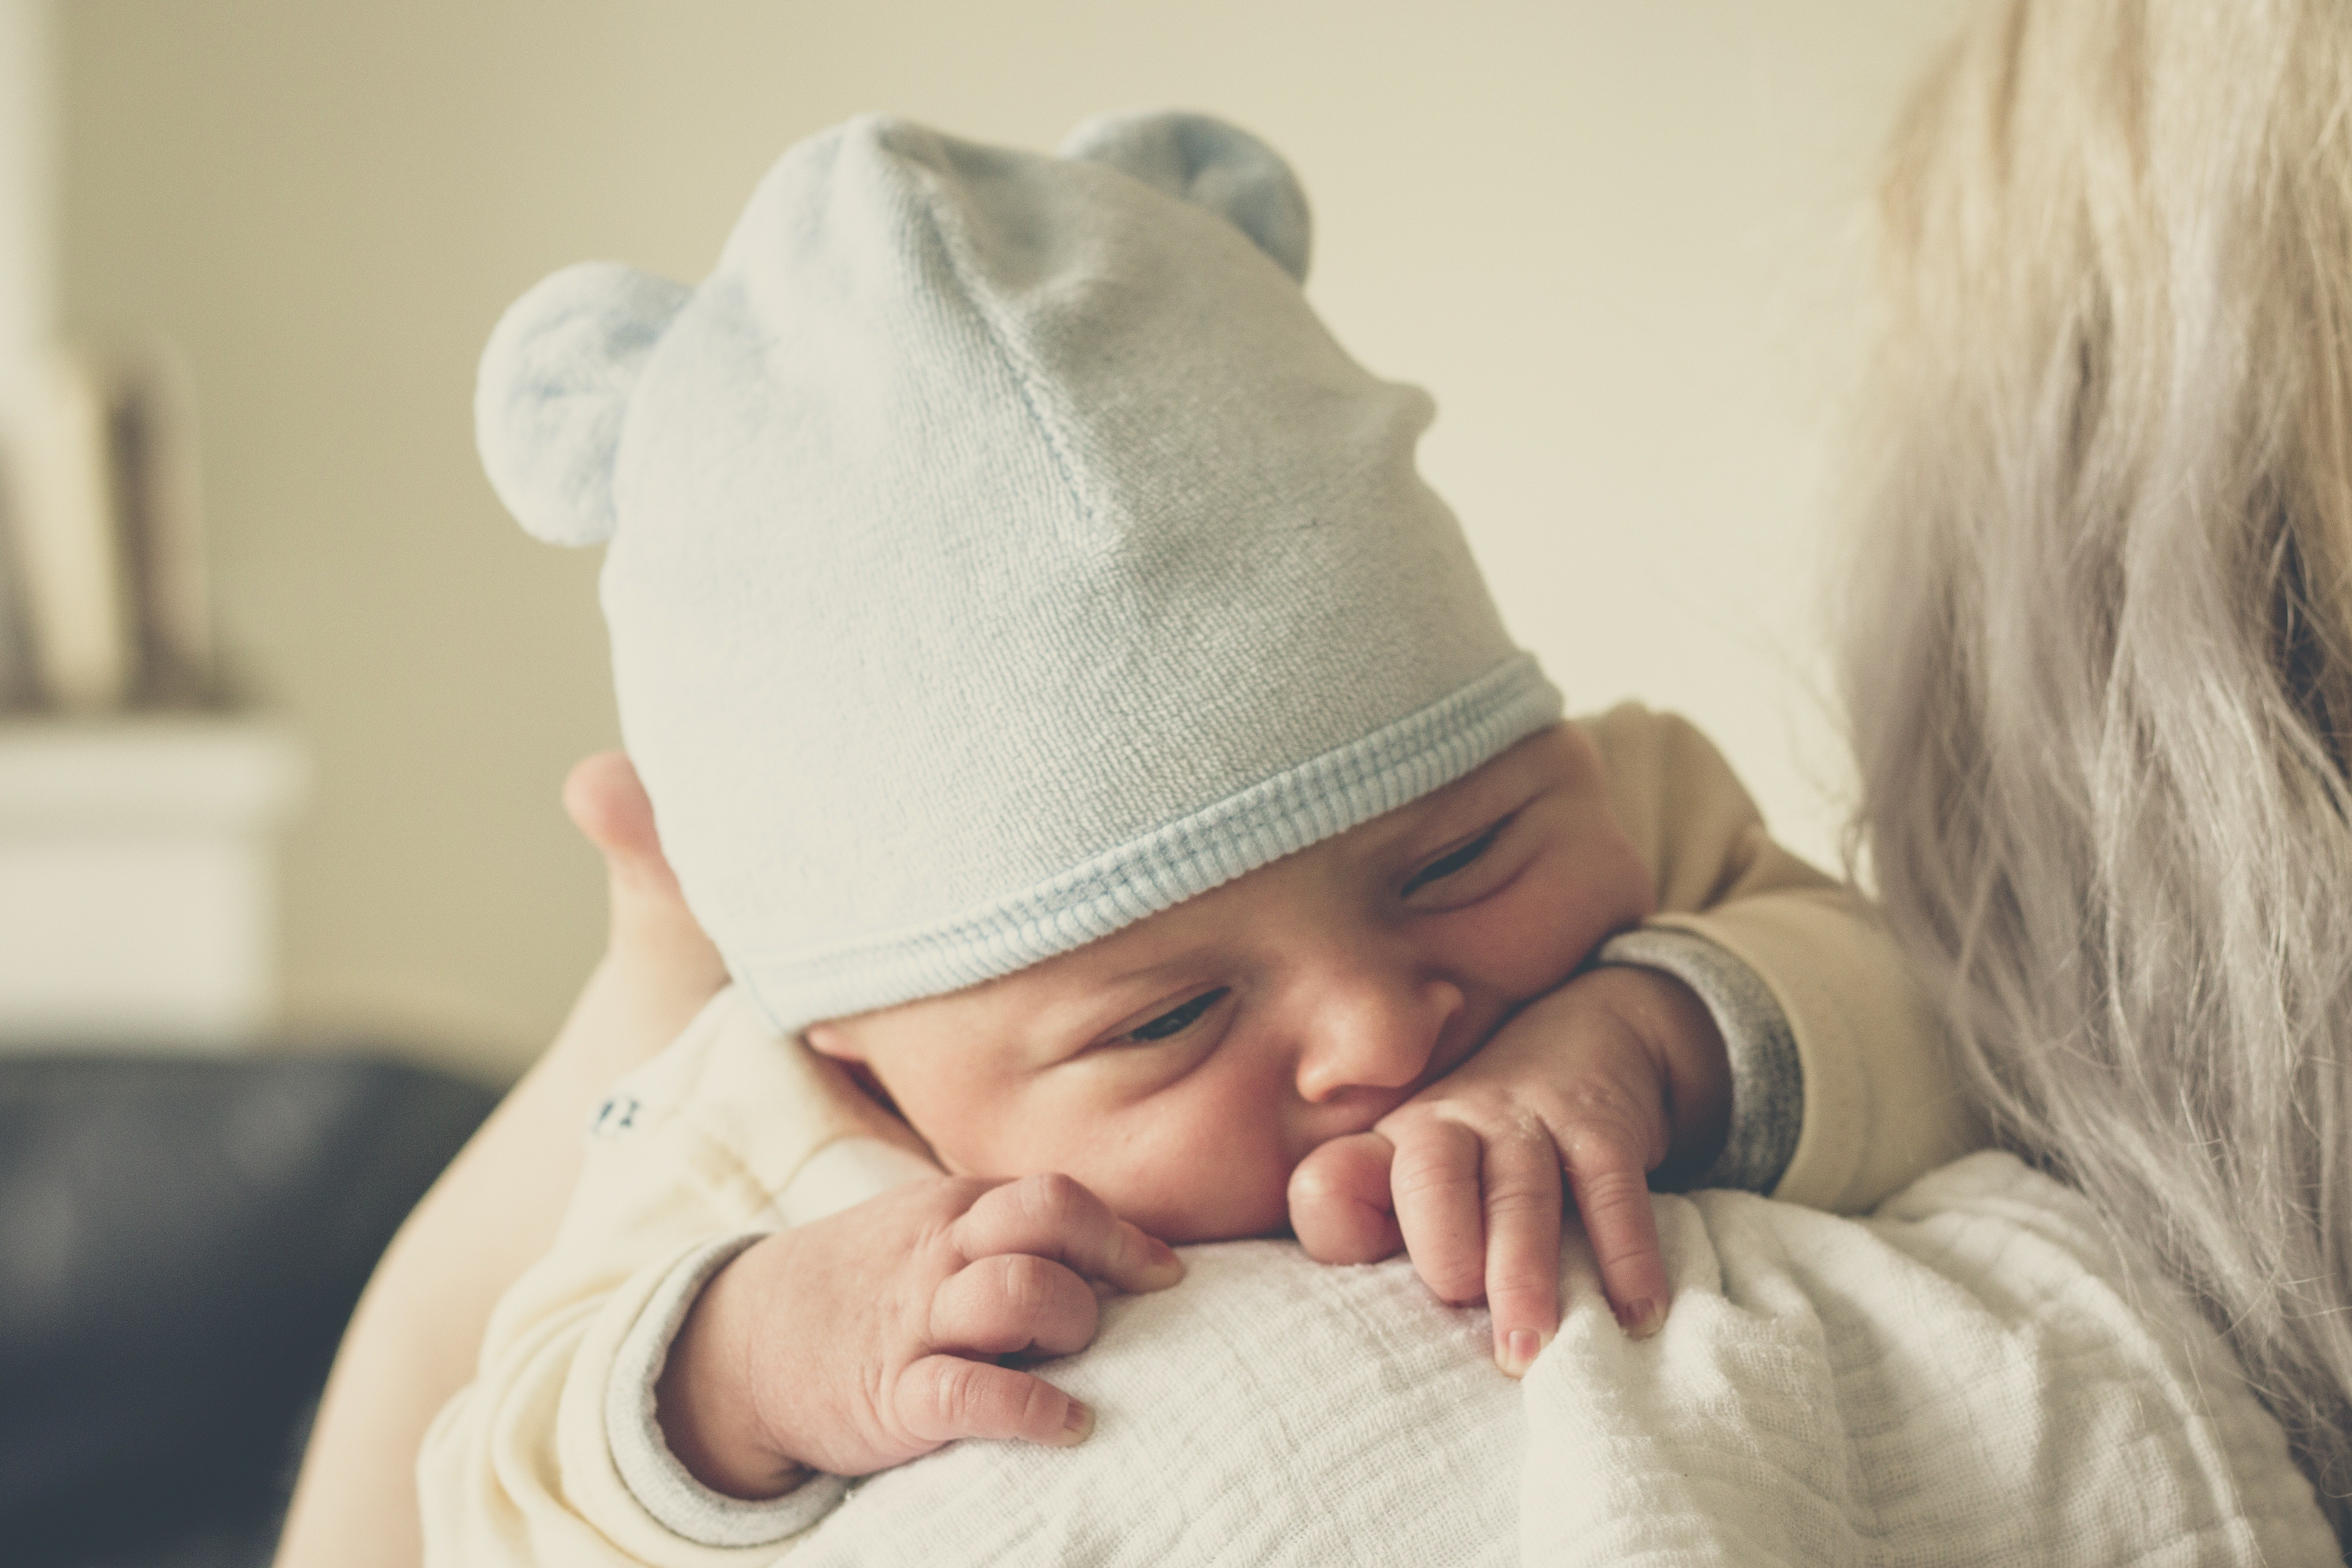 Выплата пособия при рождения ребенка: что тебе нужно об этом знать